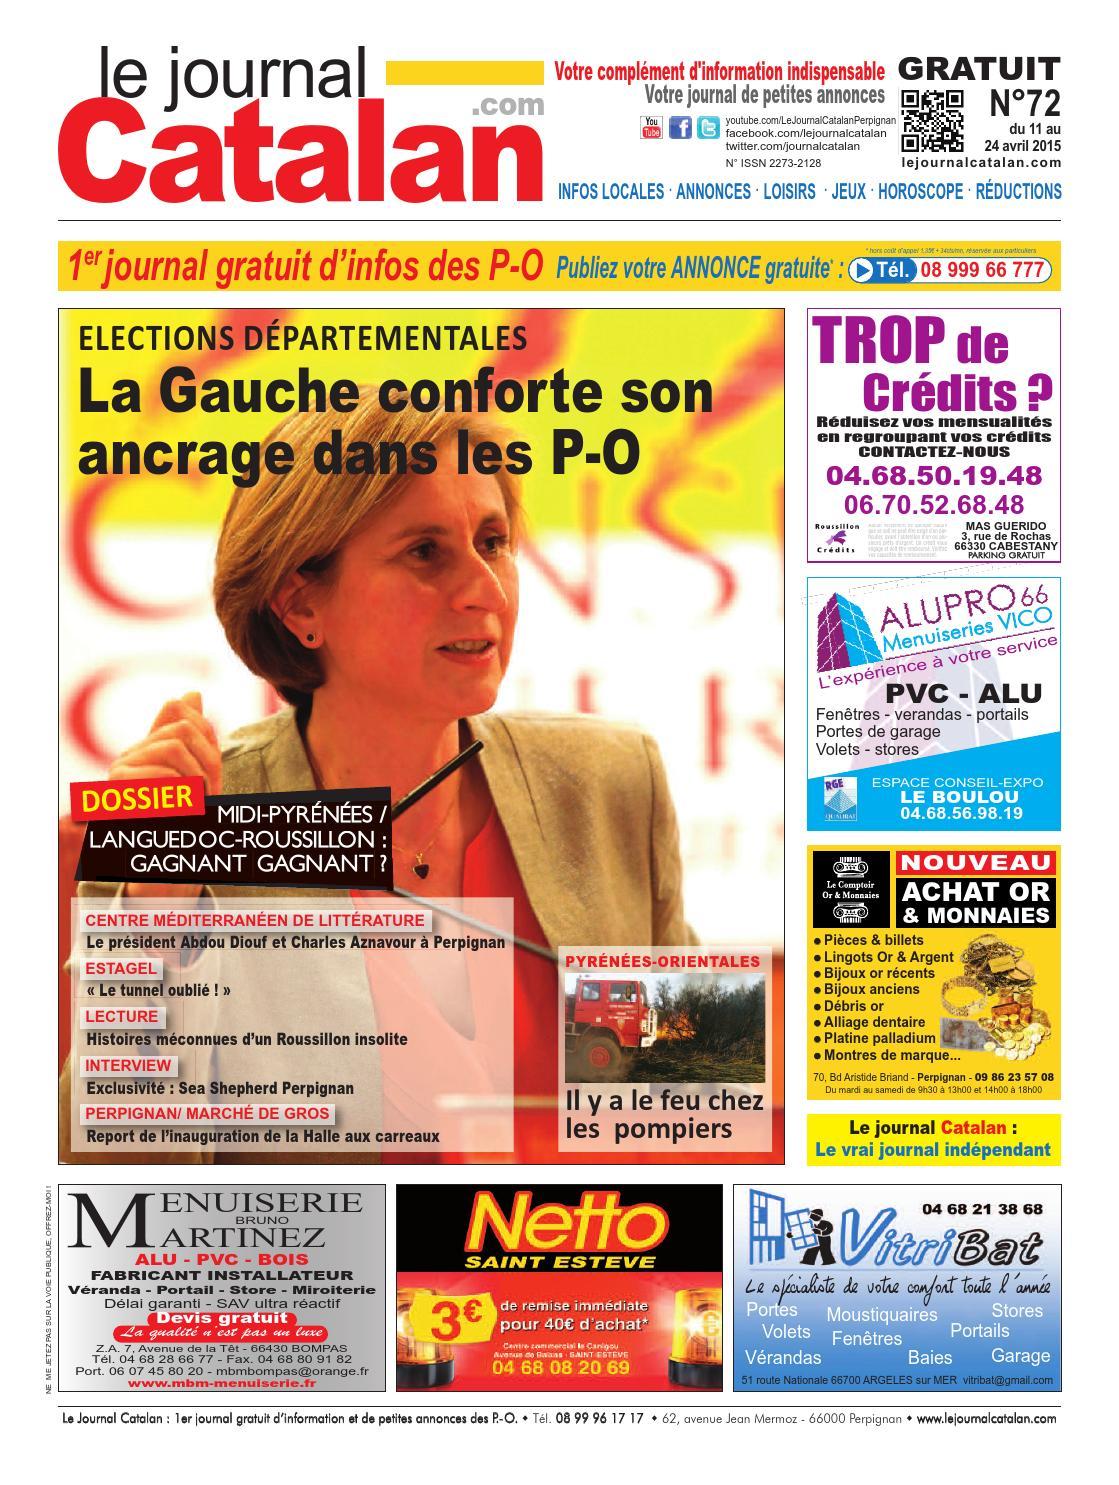 le journal catalan n 72 premier journal gratuit d 39 informations et de petites annonces des p o by. Black Bedroom Furniture Sets. Home Design Ideas